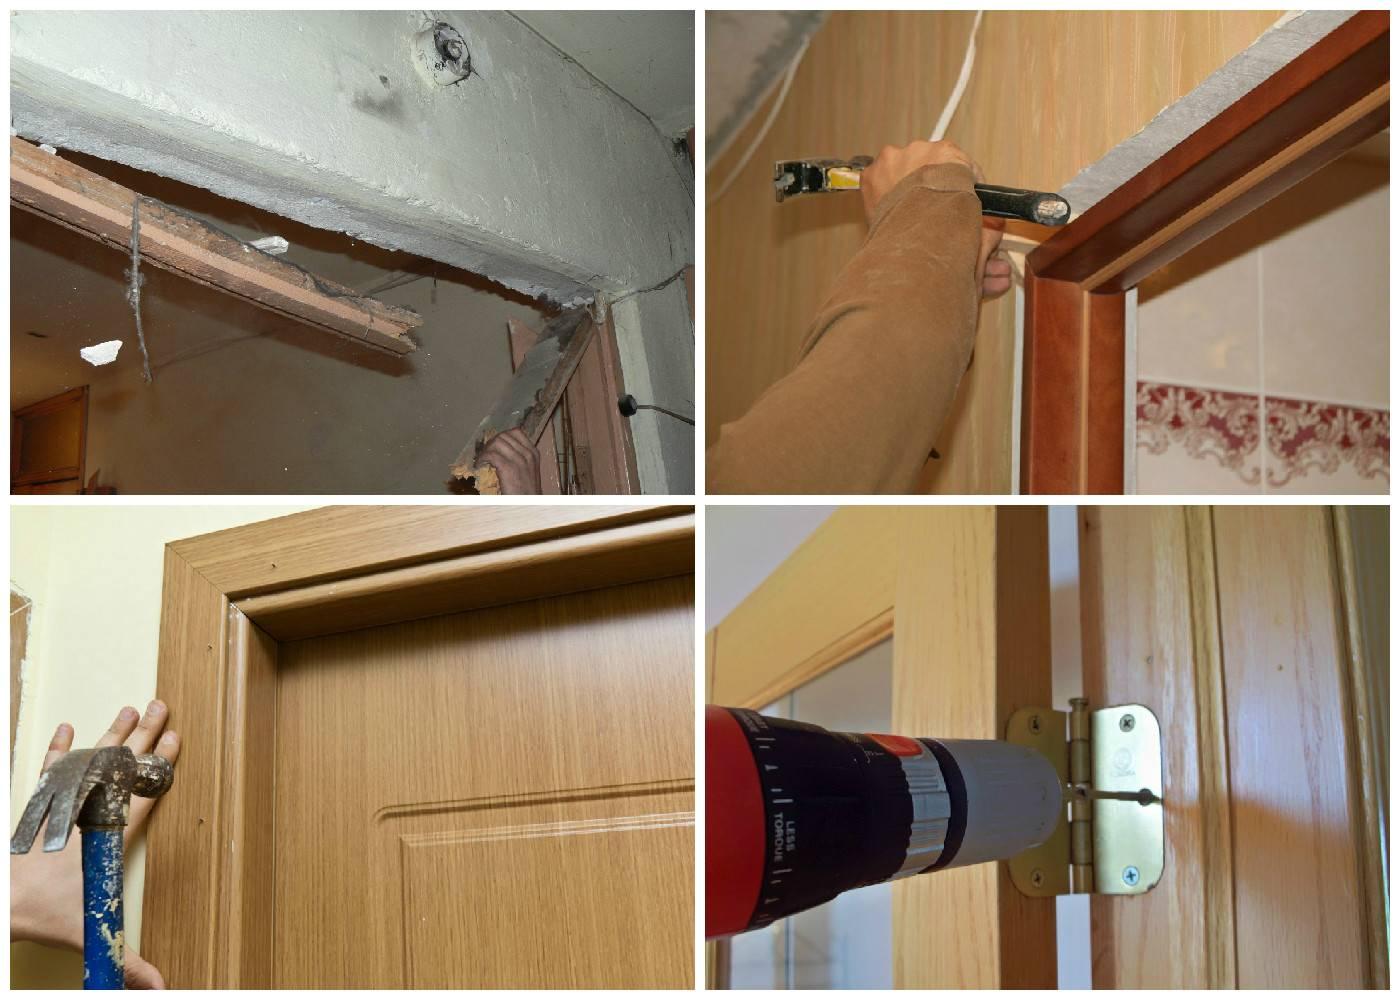 Установка межкомнатных дверей своими руками: пошаговая инструкция по монтажу установка межкомнатных дверей своими руками: пошаговая инструкция по монтажу